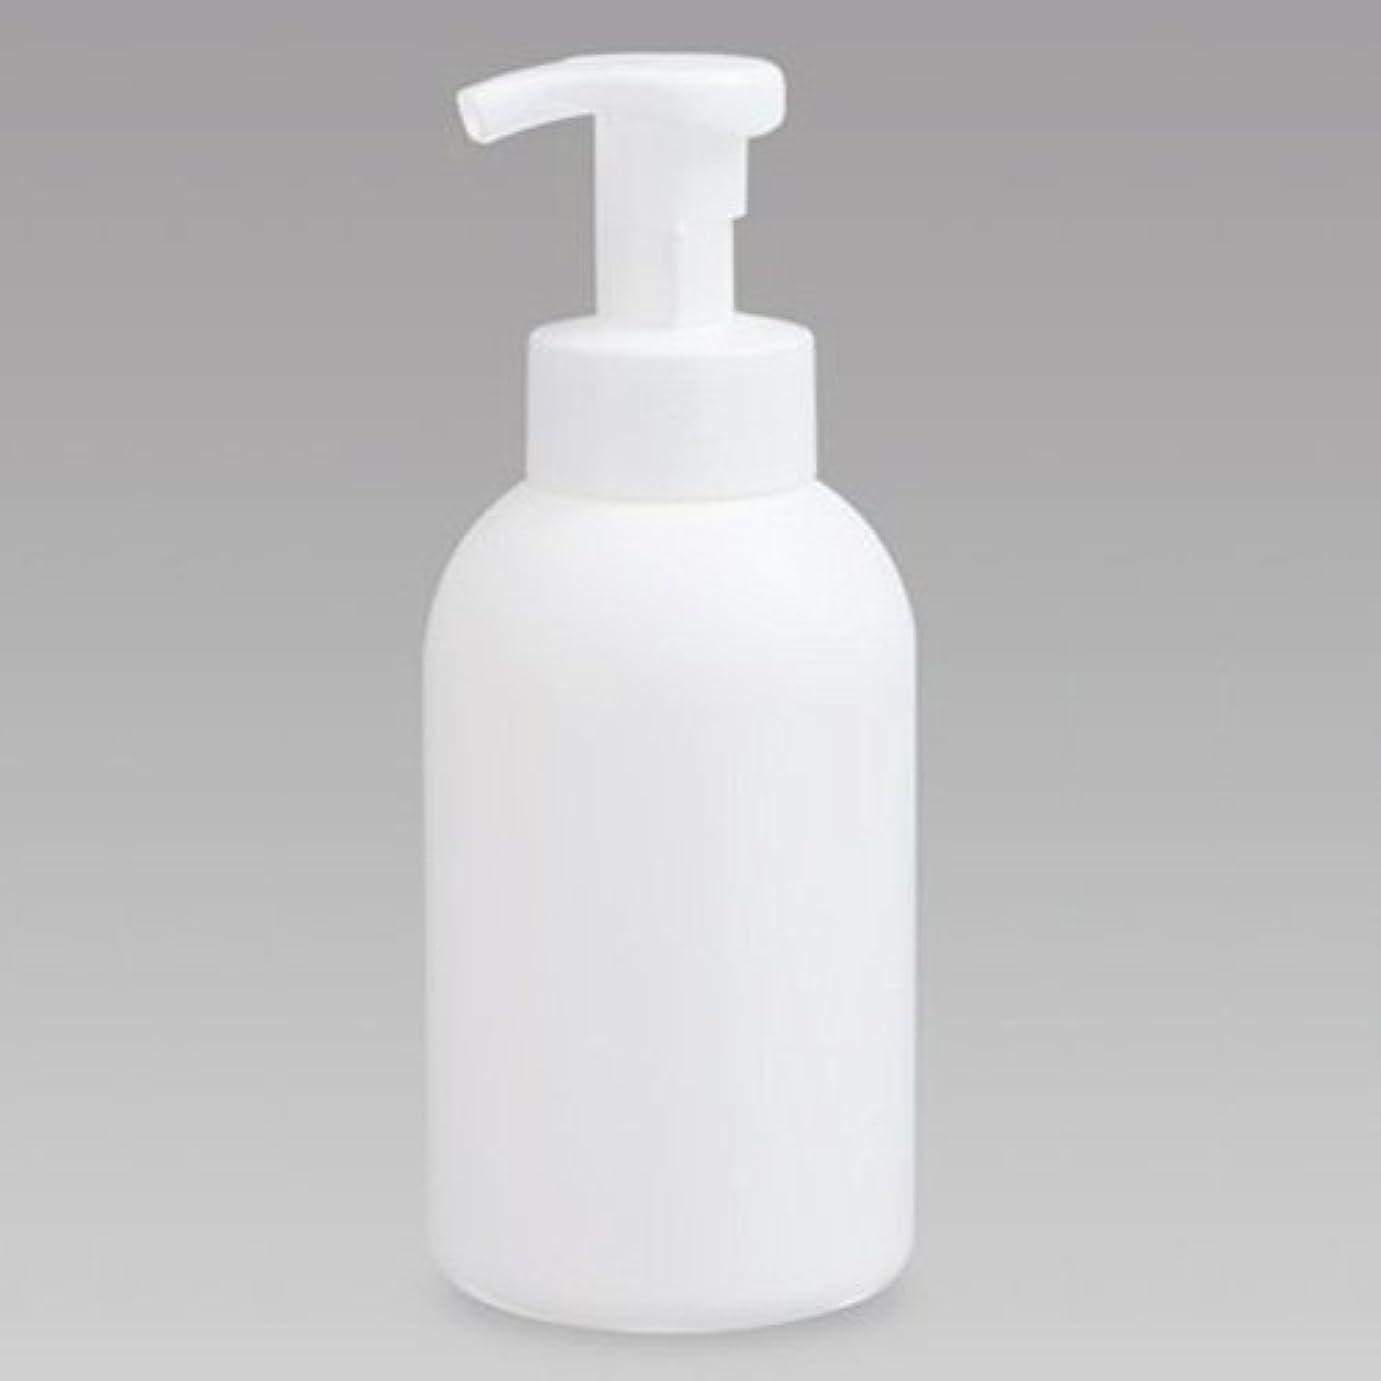 懐相談する呼吸する泡ボトル 泡ポンプボトル 500mL(PE) ホワイト 詰め替え 詰替 泡ハンドソープ 全身石鹸 ボディソープ 洗顔フォーム